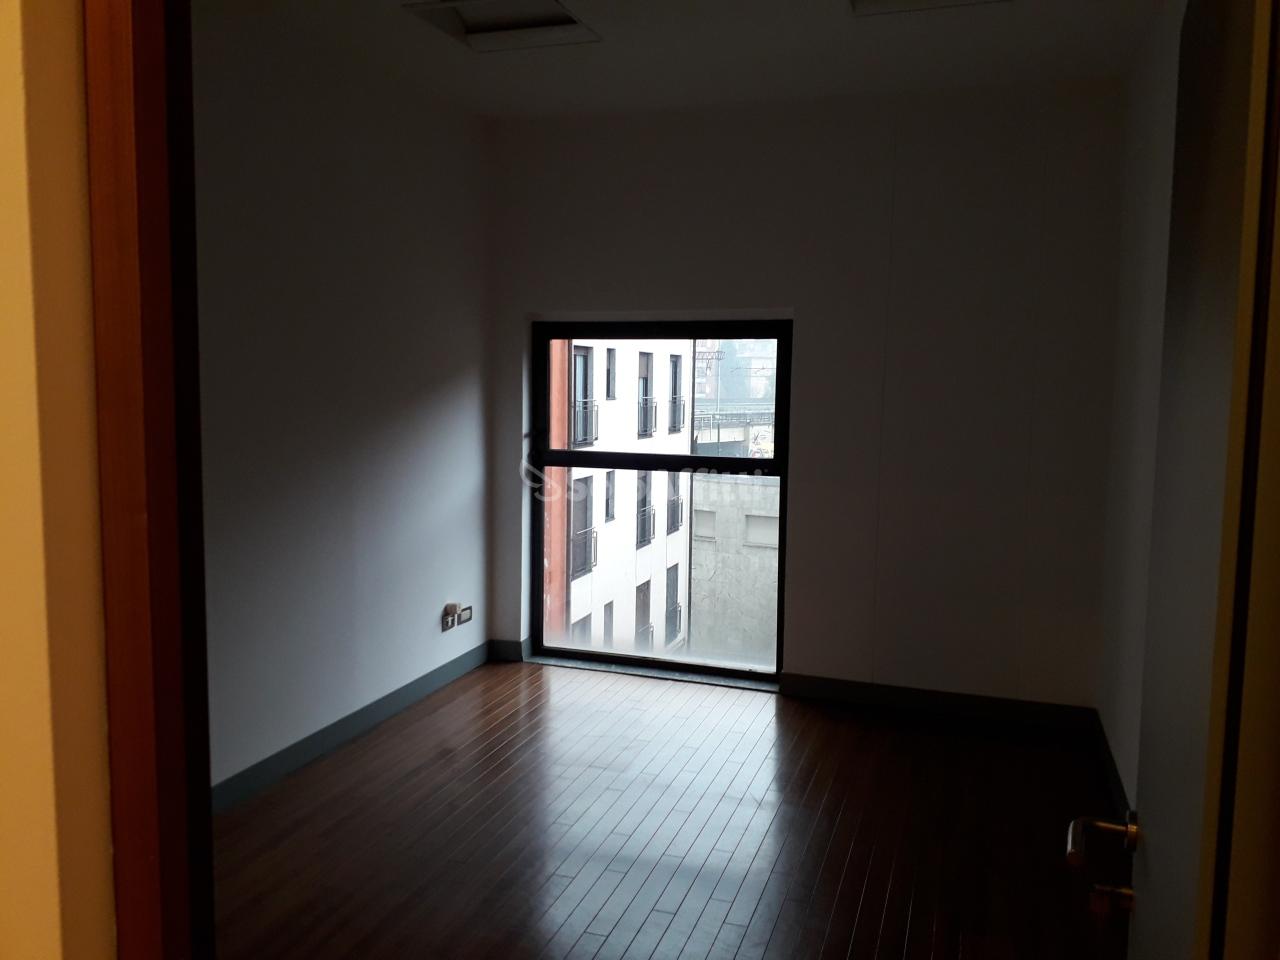 Ufficio diviso in ambienti/locali in affitto - 66 mq